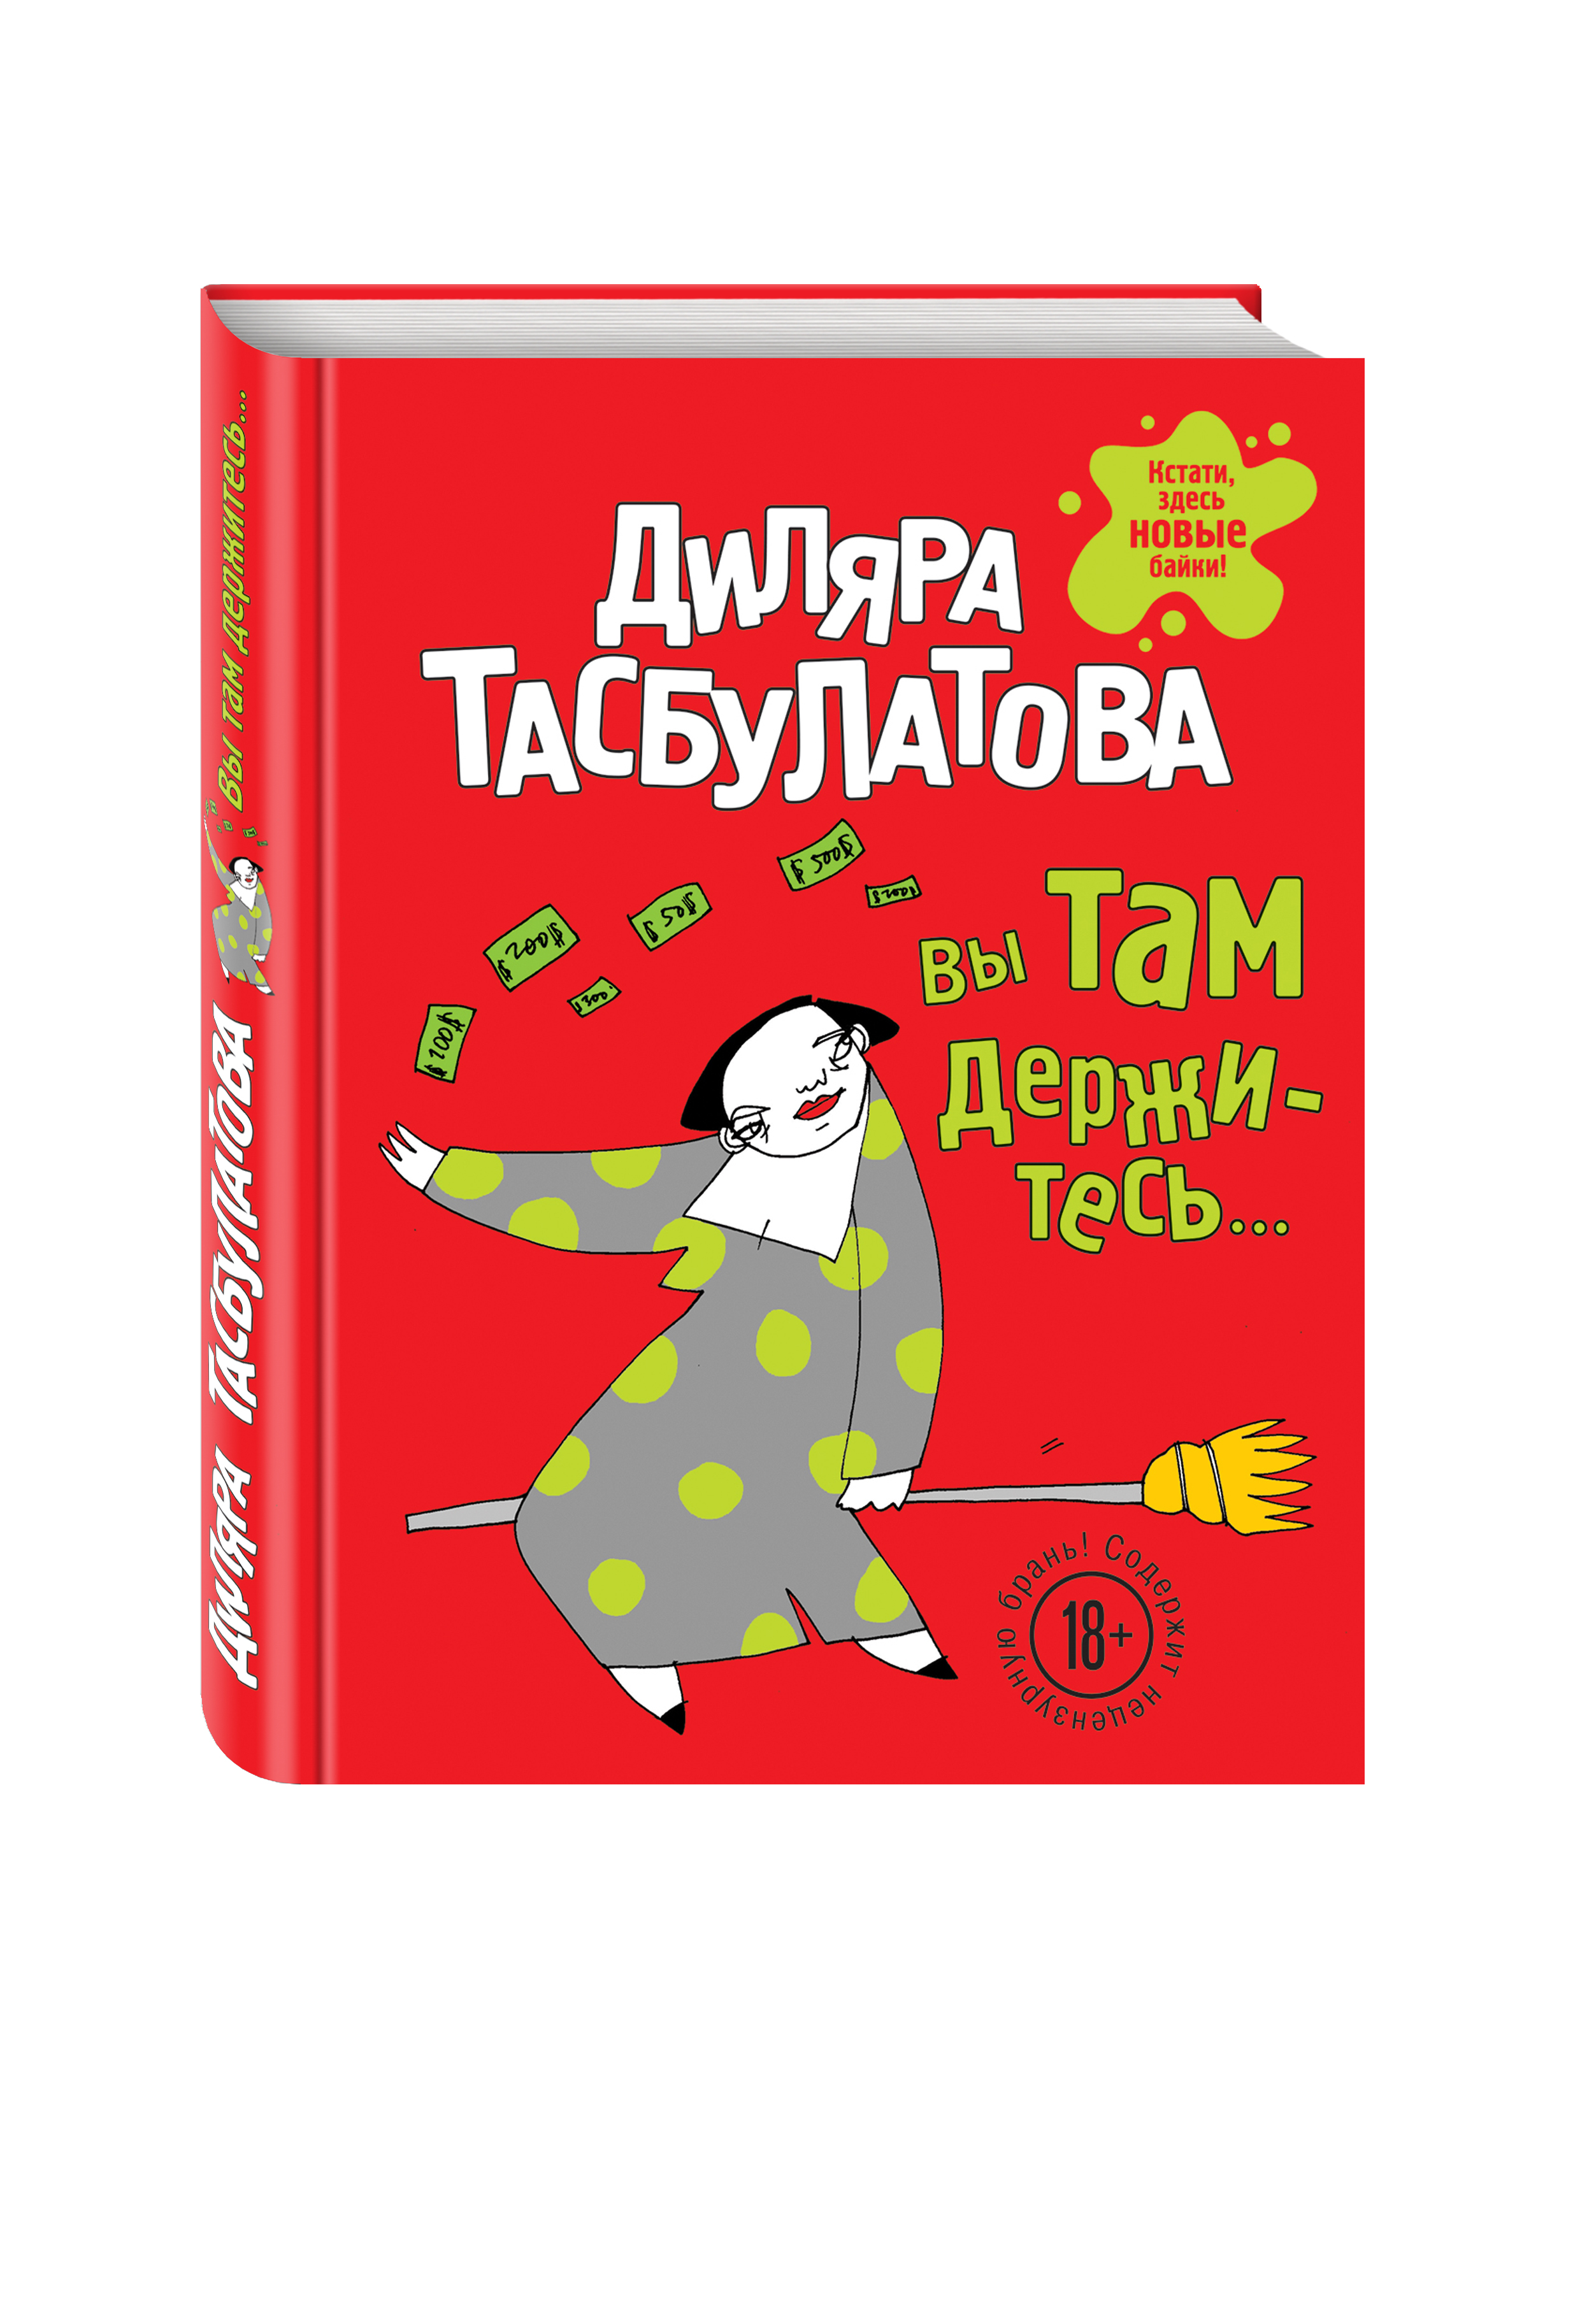 Тасбулатова Д. Вы там держитесь тасбулатова диляра керизбековна кот консьержка и другие уважаемые люди